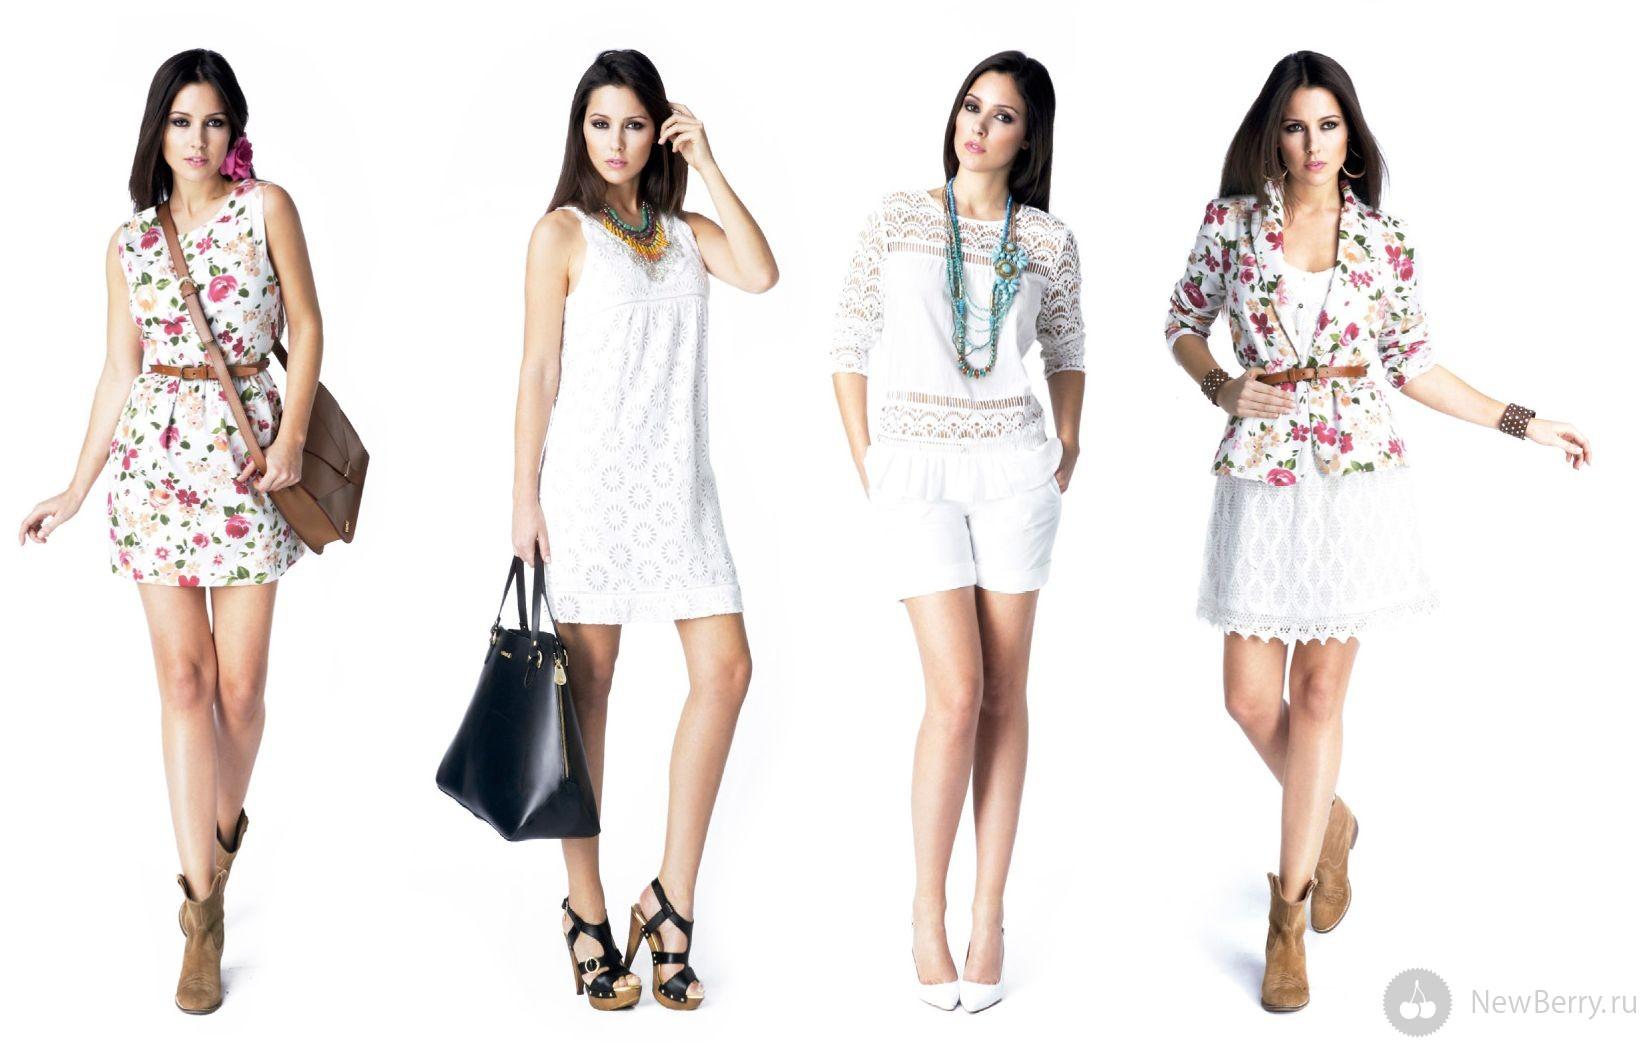 Фешен Женская Одежда